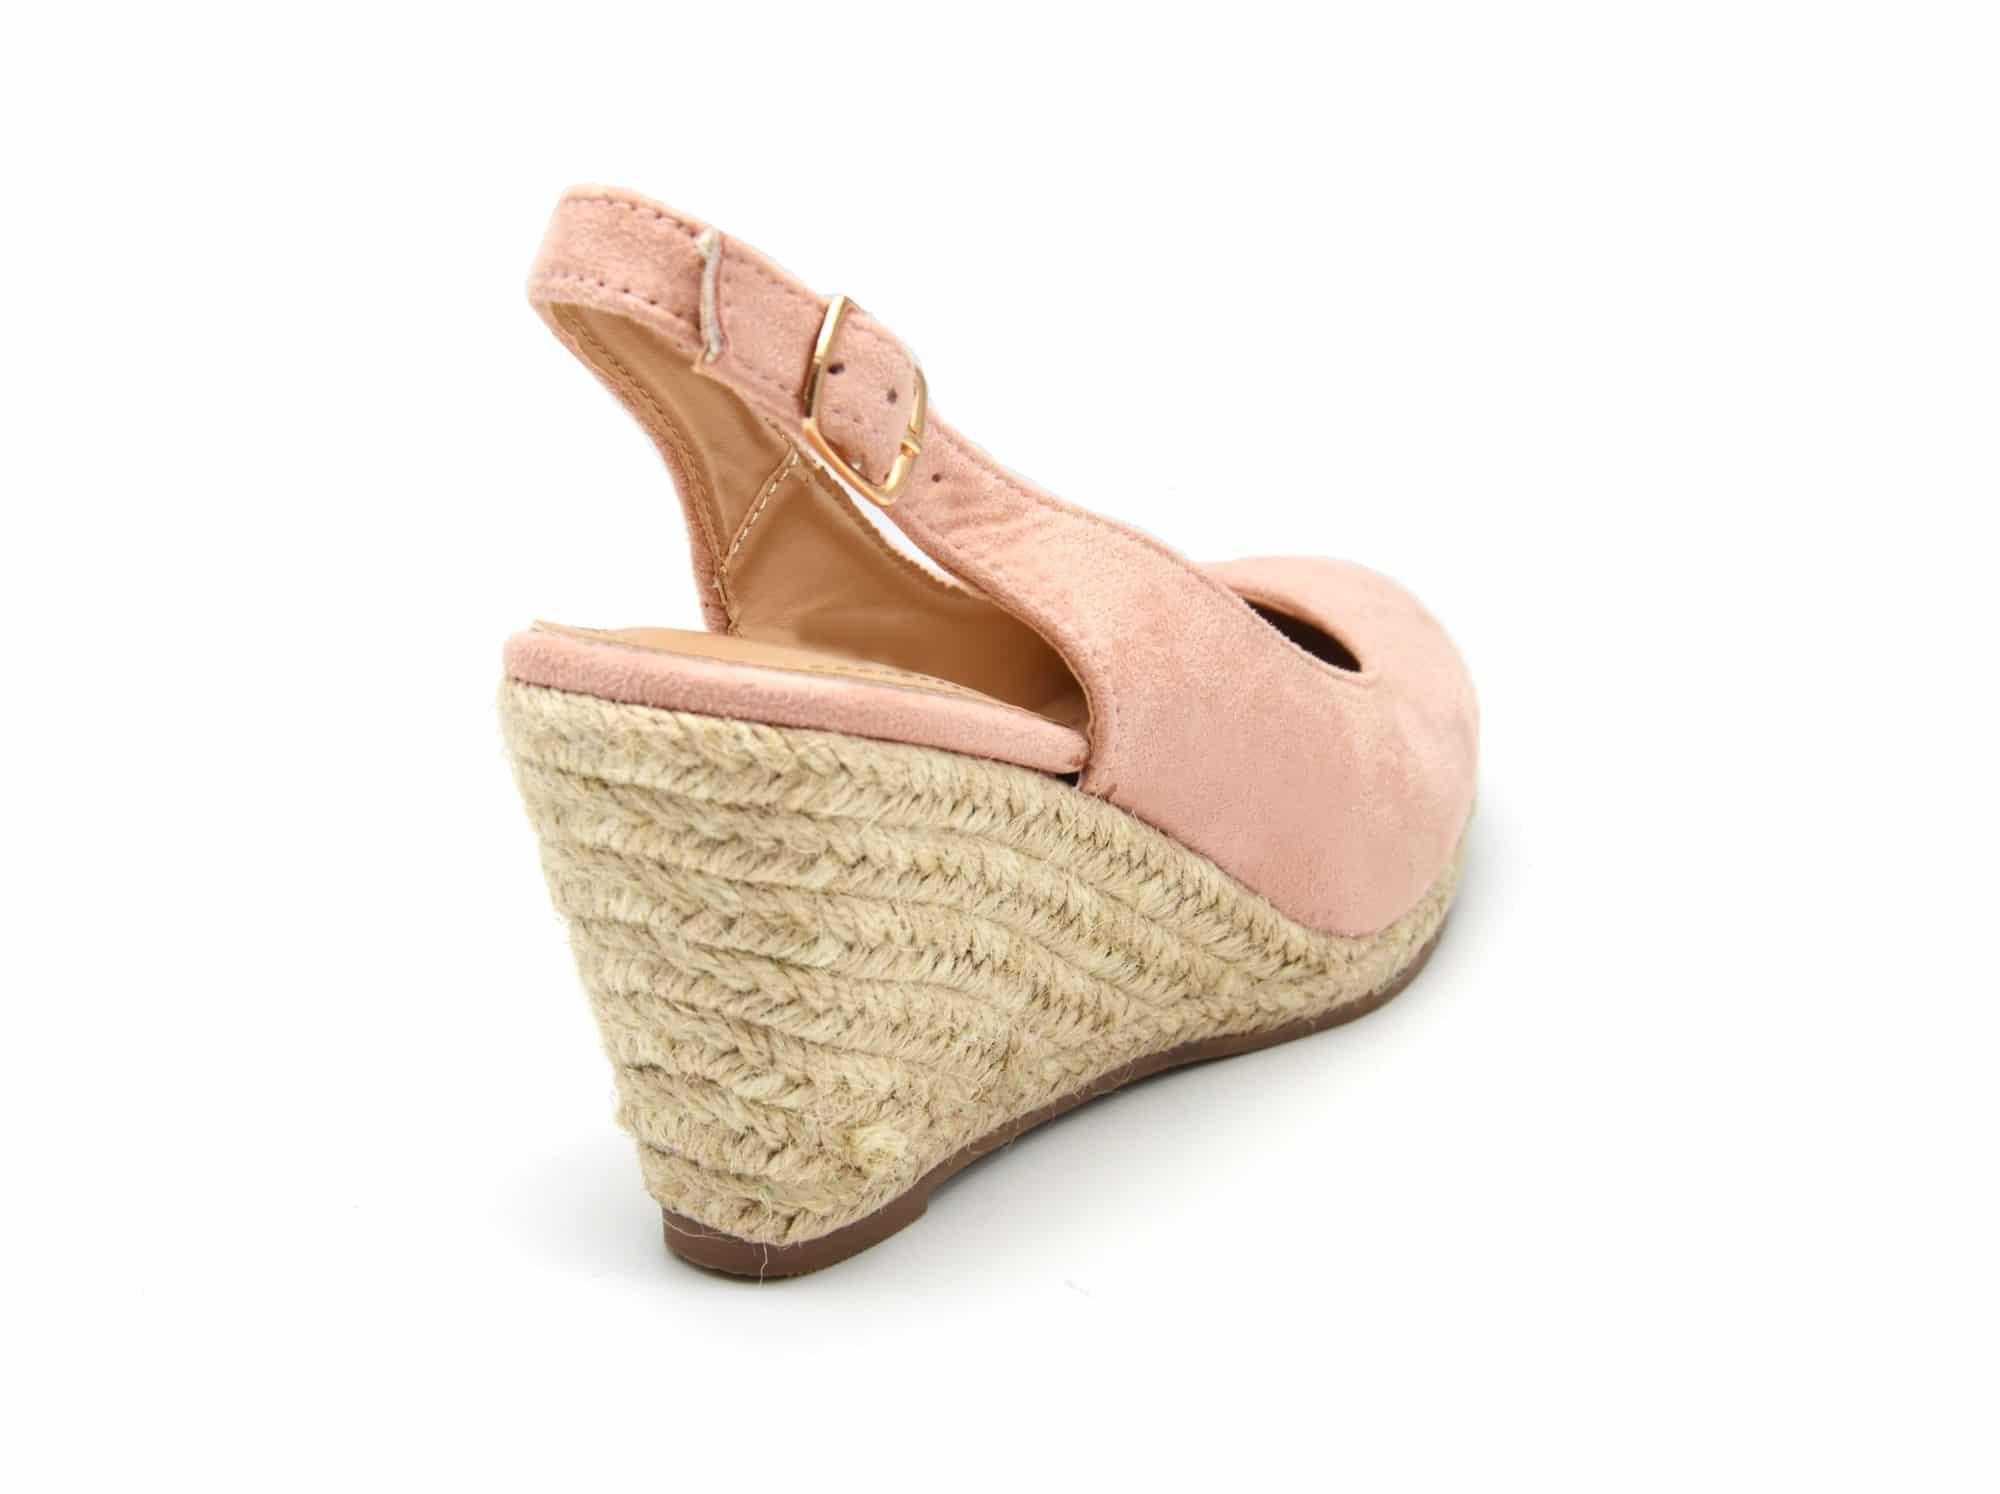 Sandales-Espadrilles-Compensees-Effet-Daim-Rose-avec-Bride-et-Boucle-Arriere